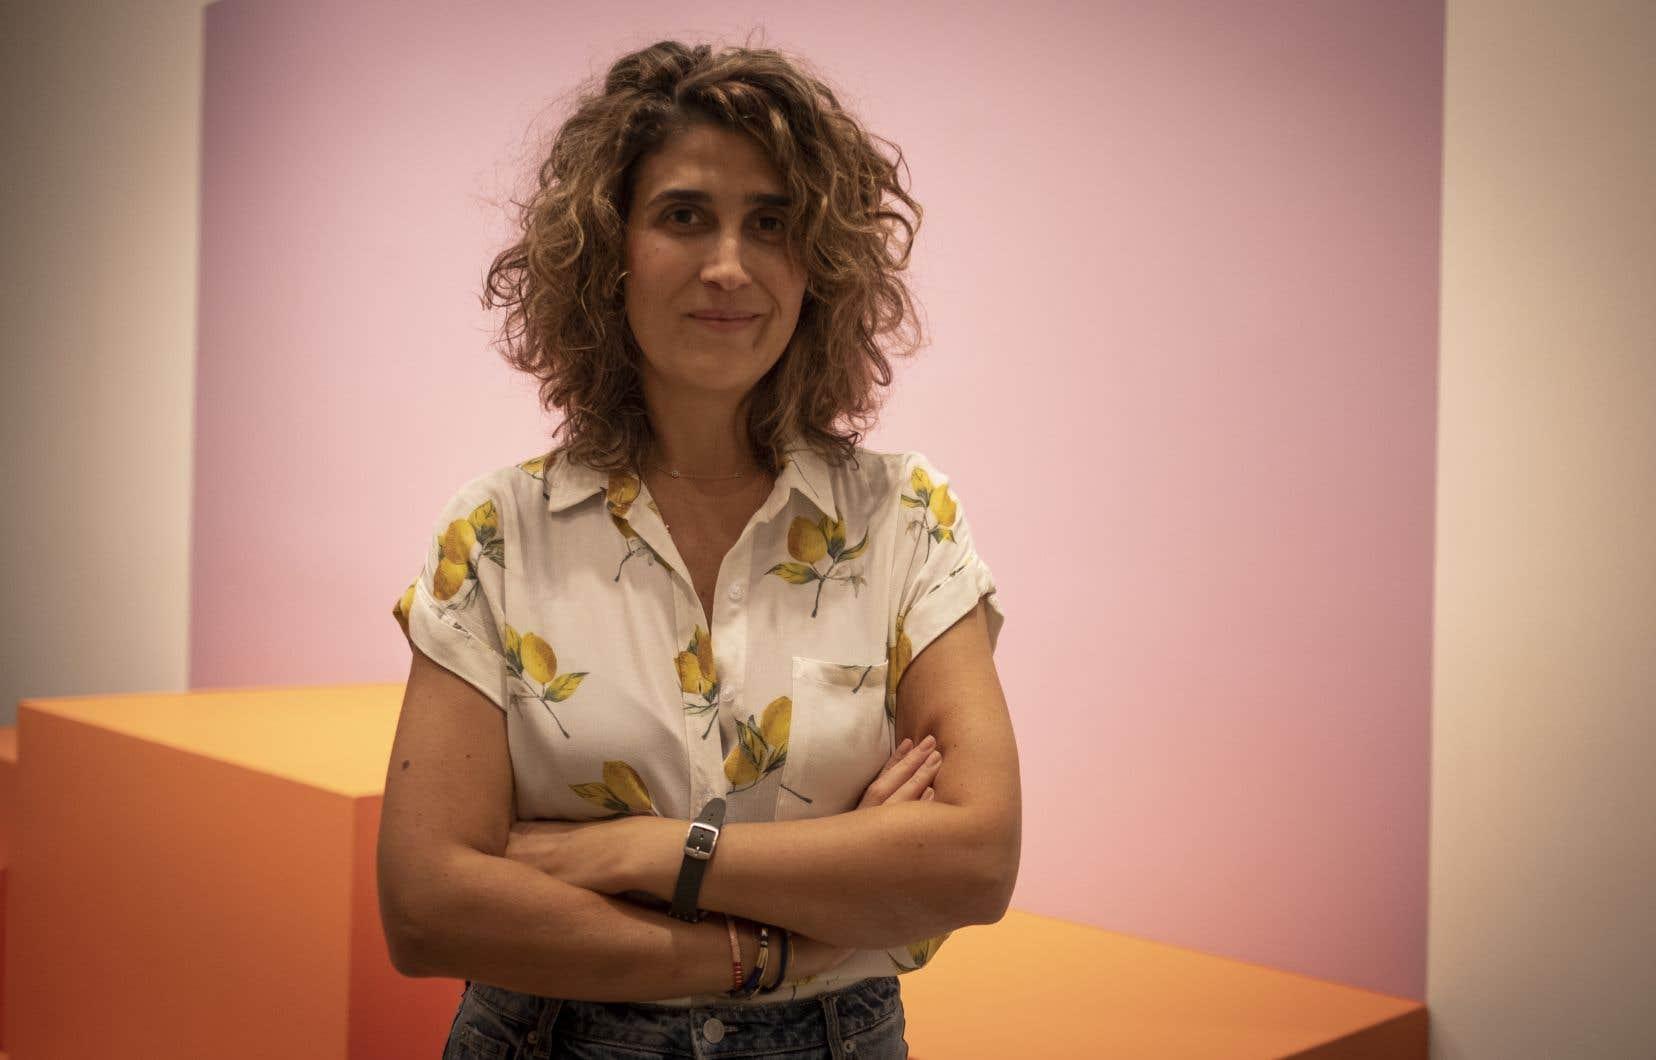 Trente ans après le début de cette exposition  (appelée Mois de la photo jusqu'en 2017, puis Momenta), c'est la première fois que son commissariat est confié  à une Latino-Américaine, en l'occurence María Wills Londoño.